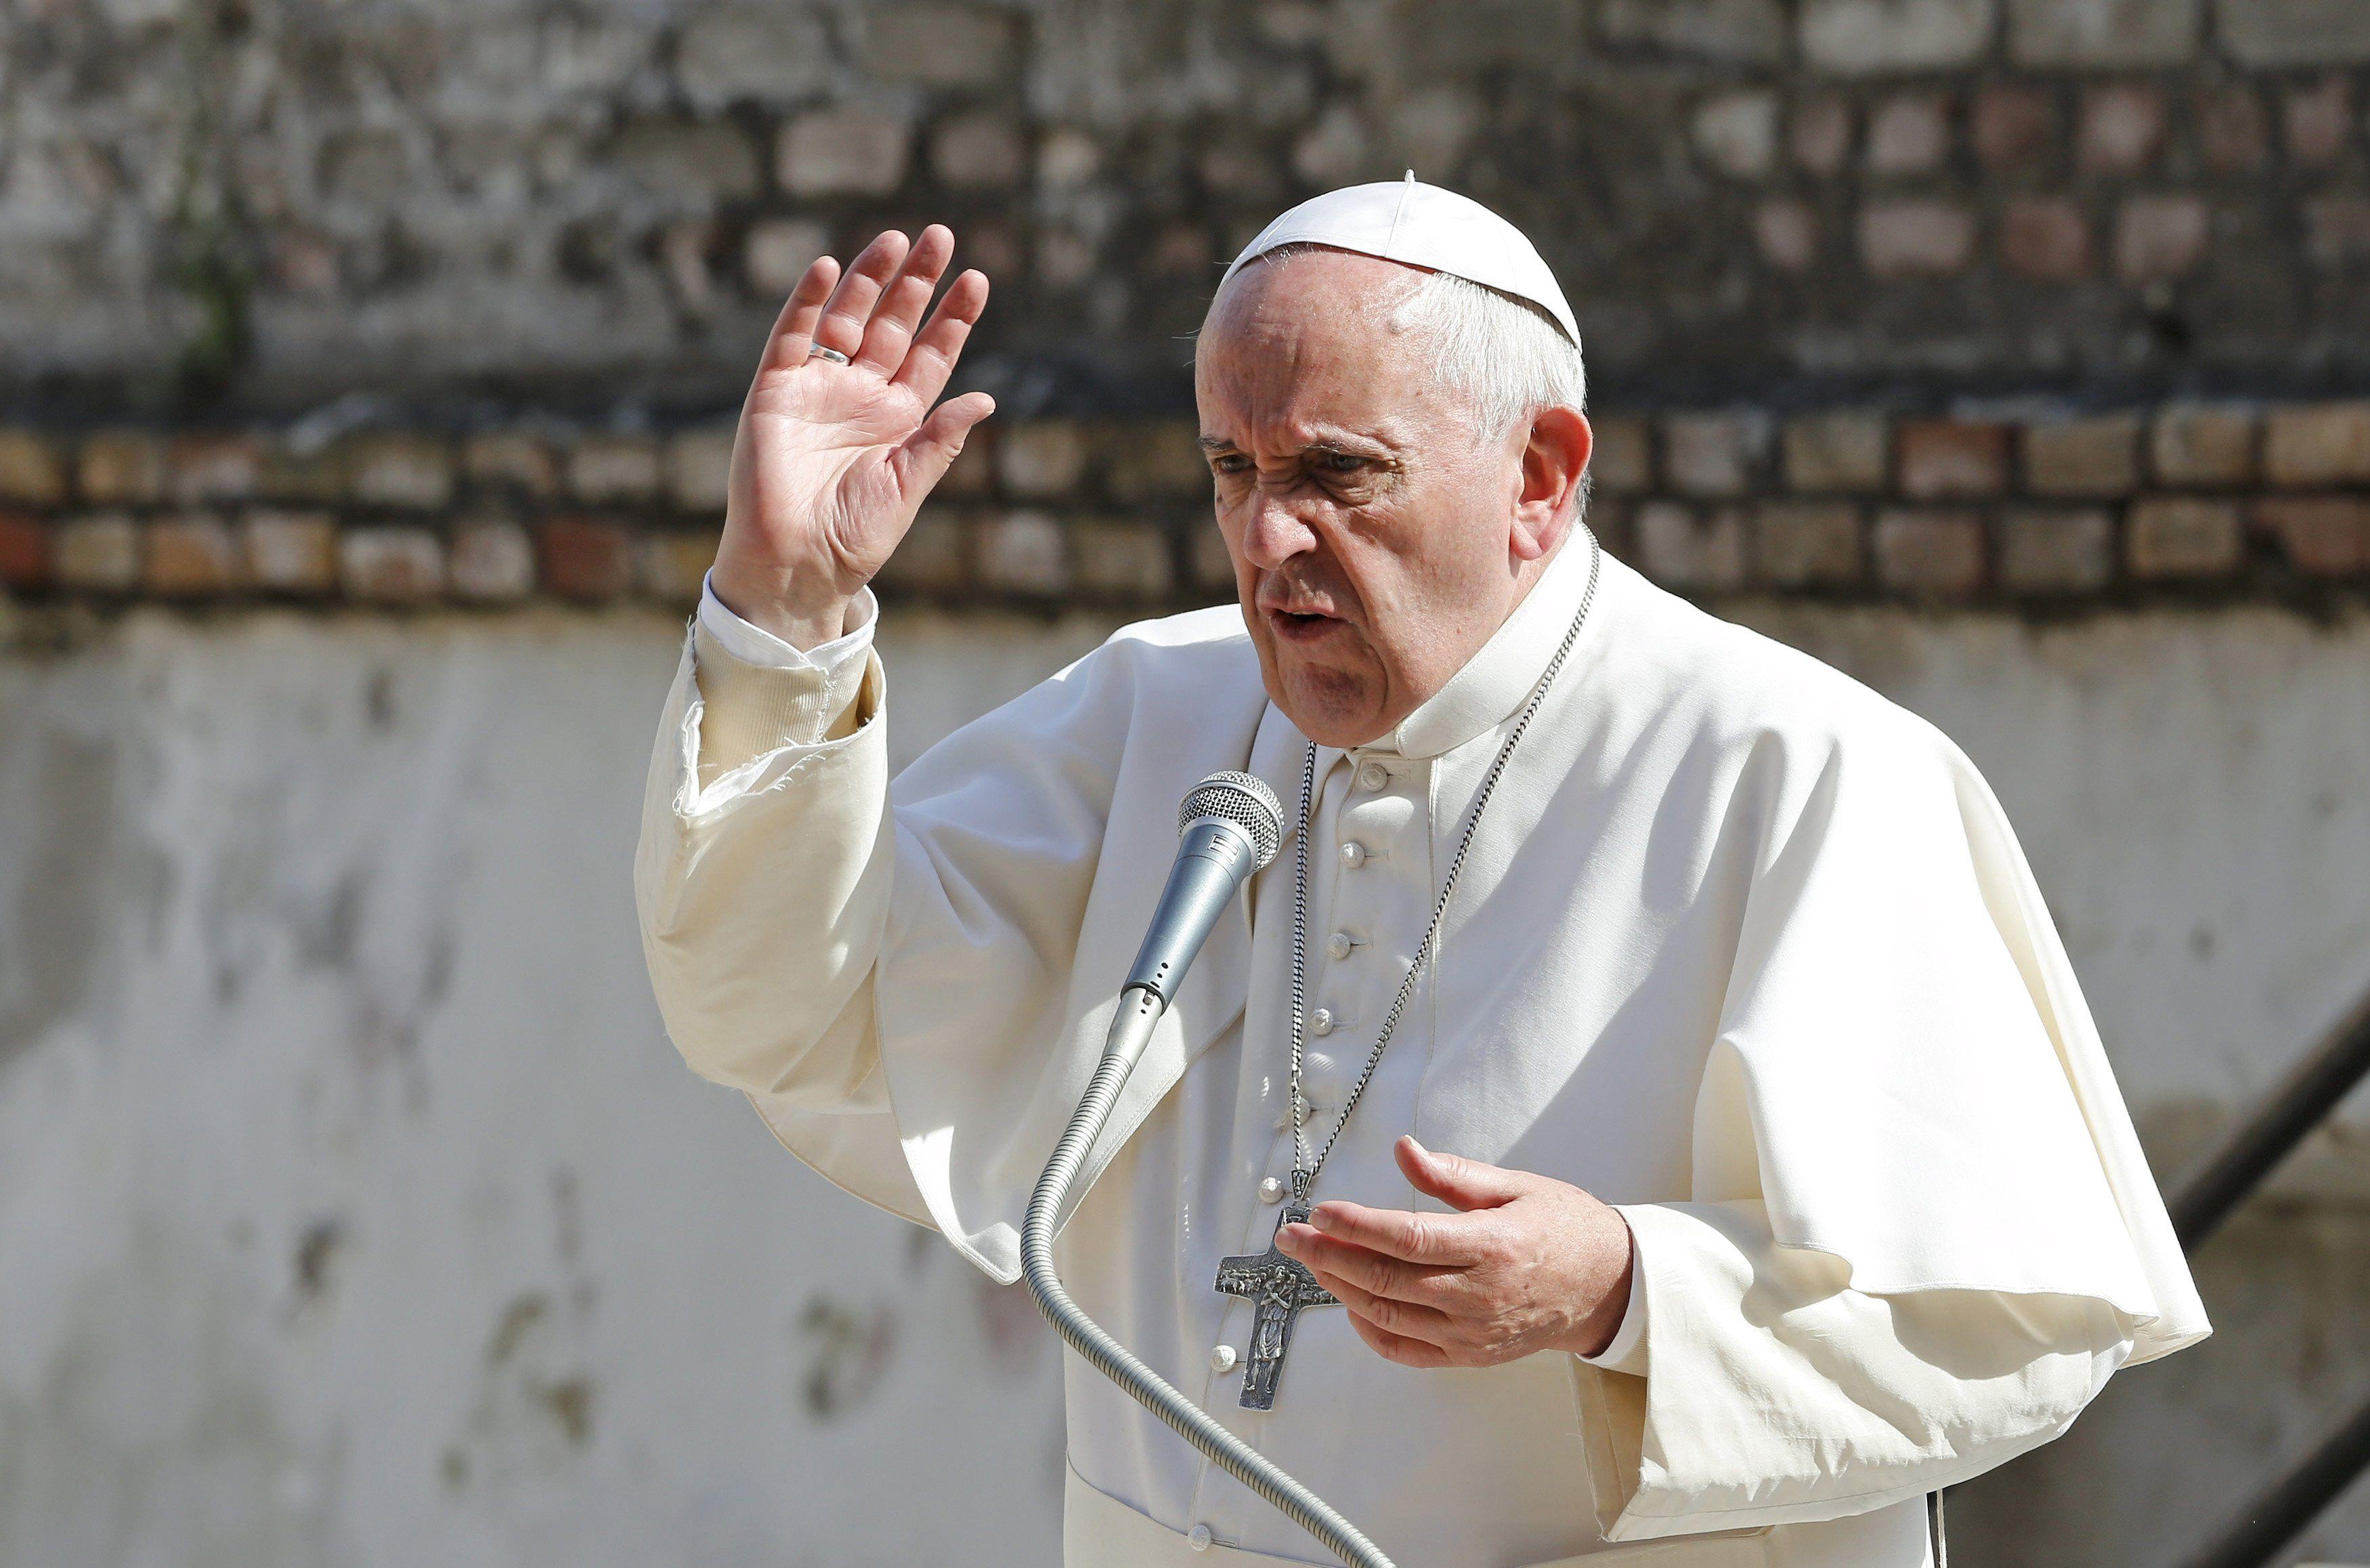 rezo por vos. Francisco sorprendió ayer con su confesión sobre su edad y su estado de salud